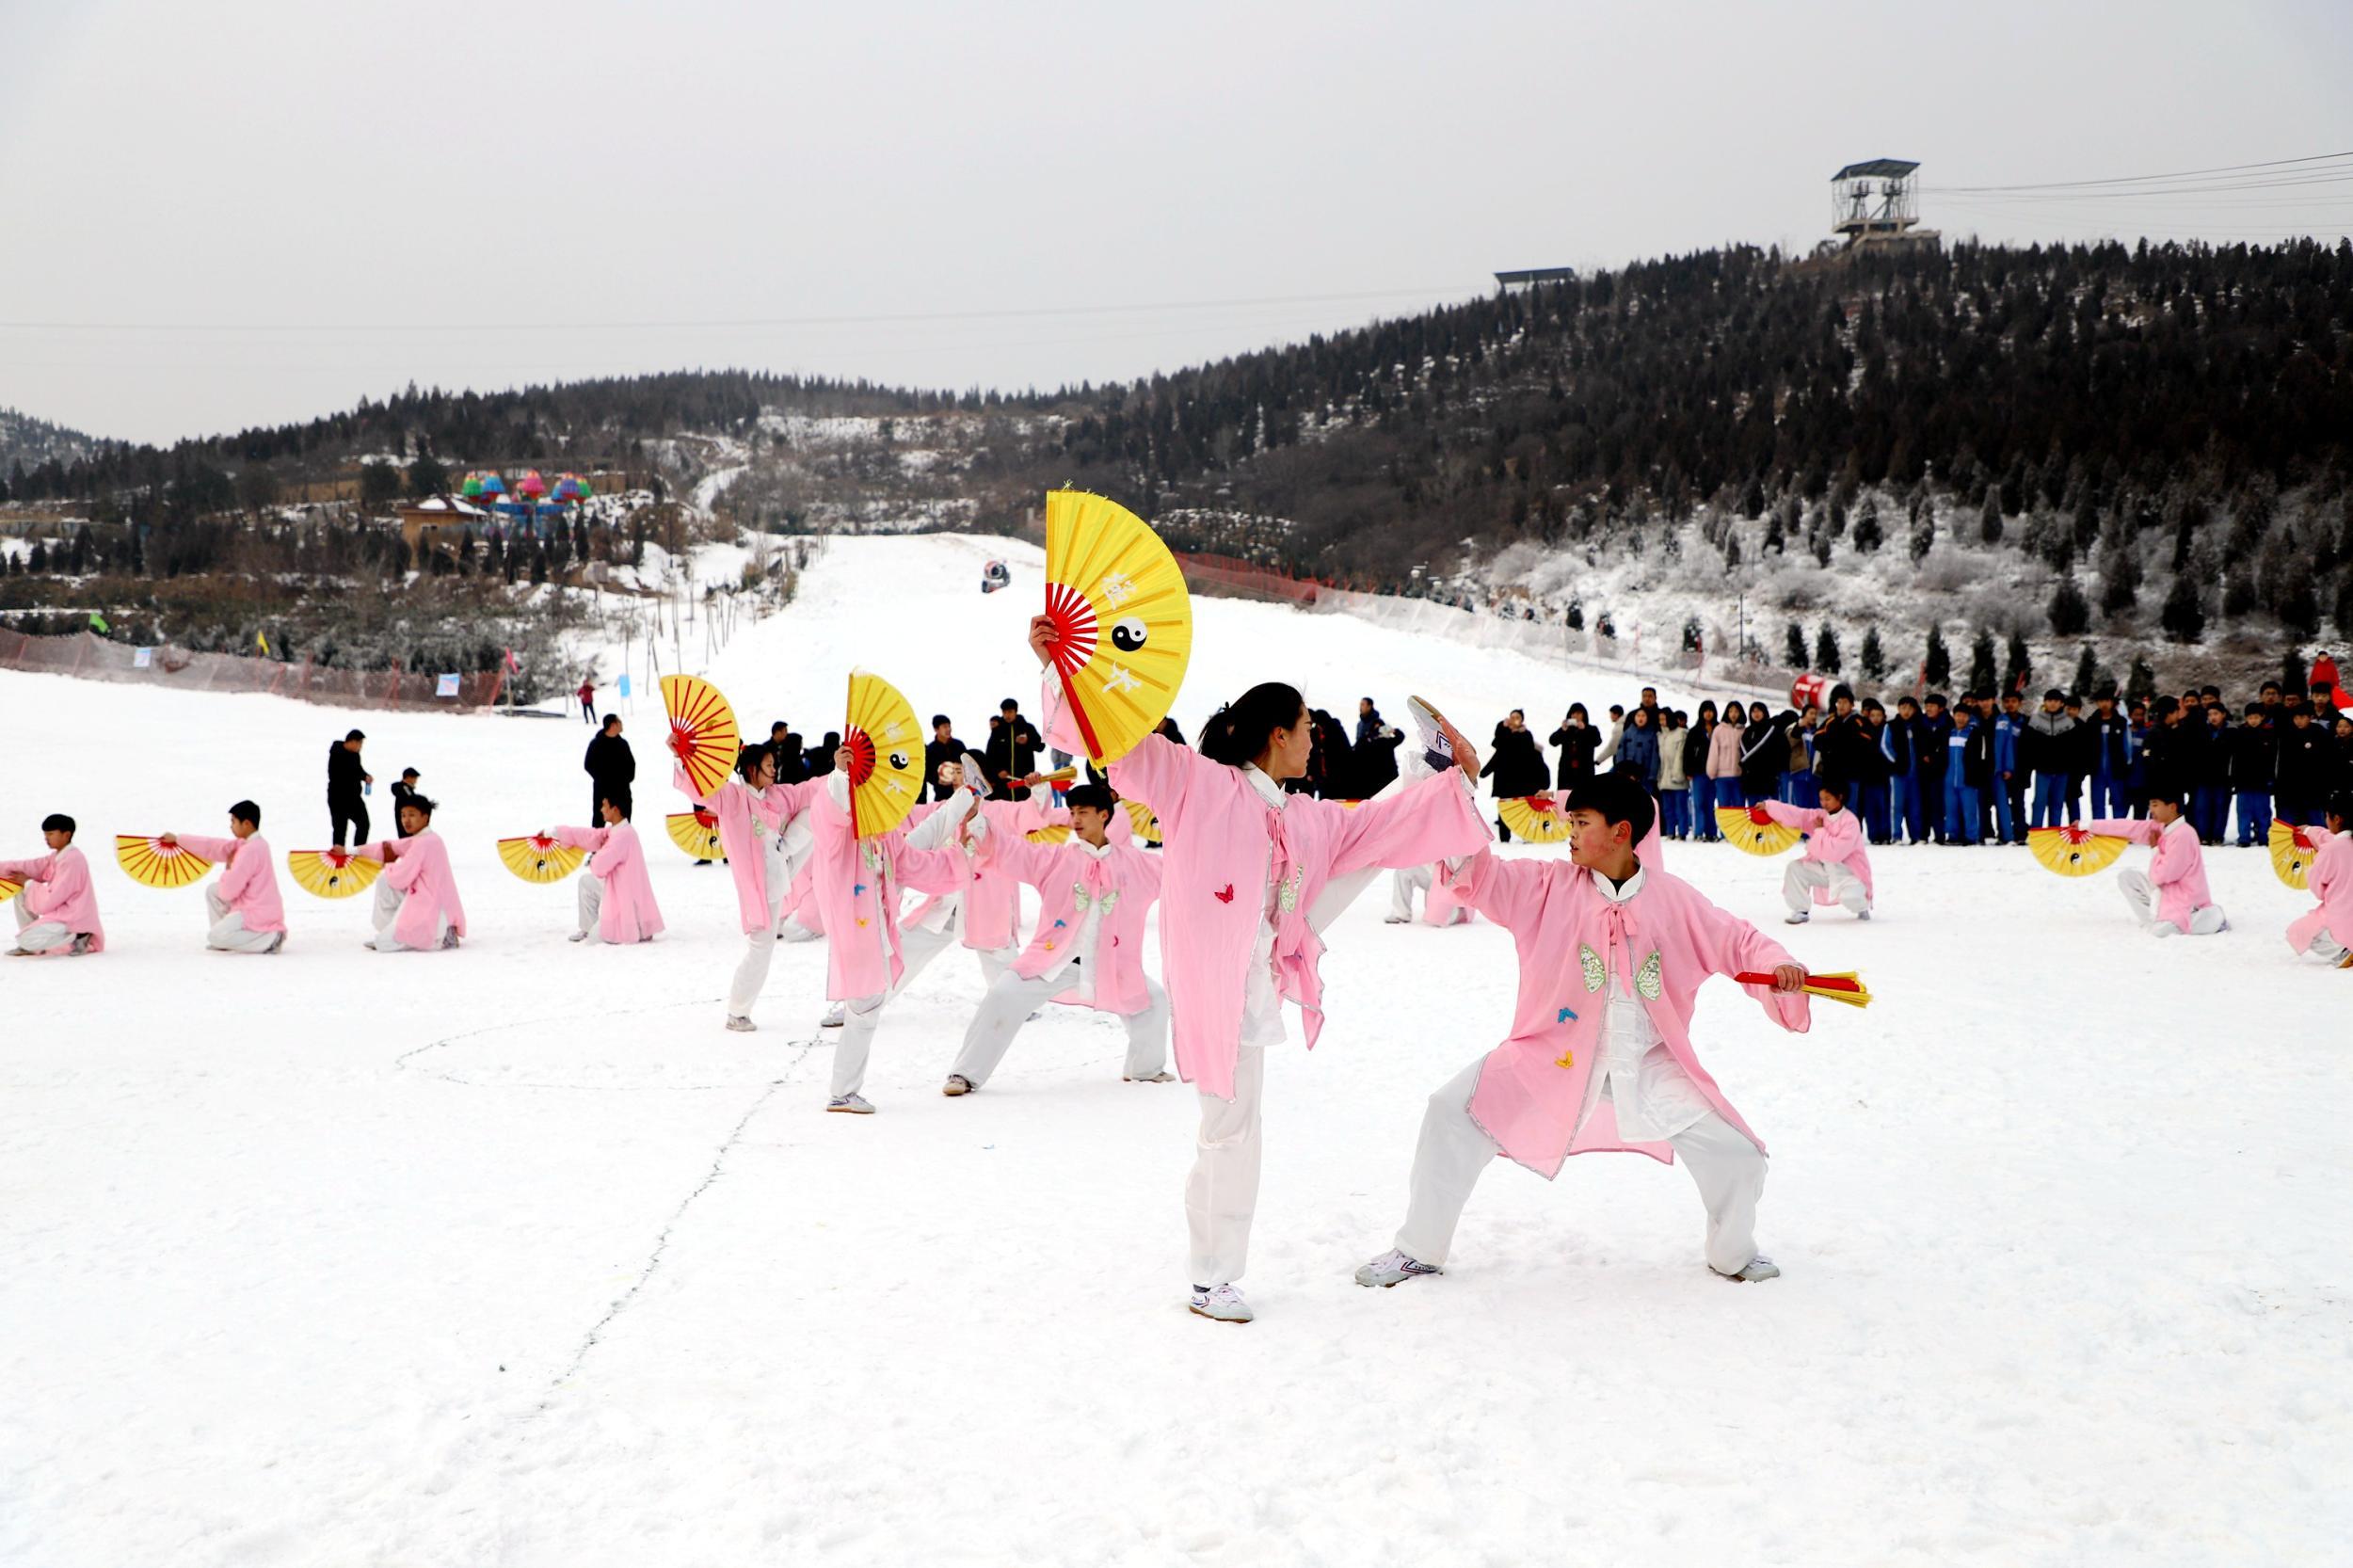 邯郸市永年区首届冰雪文化旅游节<br>暨全国青少年冰雪冬令营(永年站)正式启动